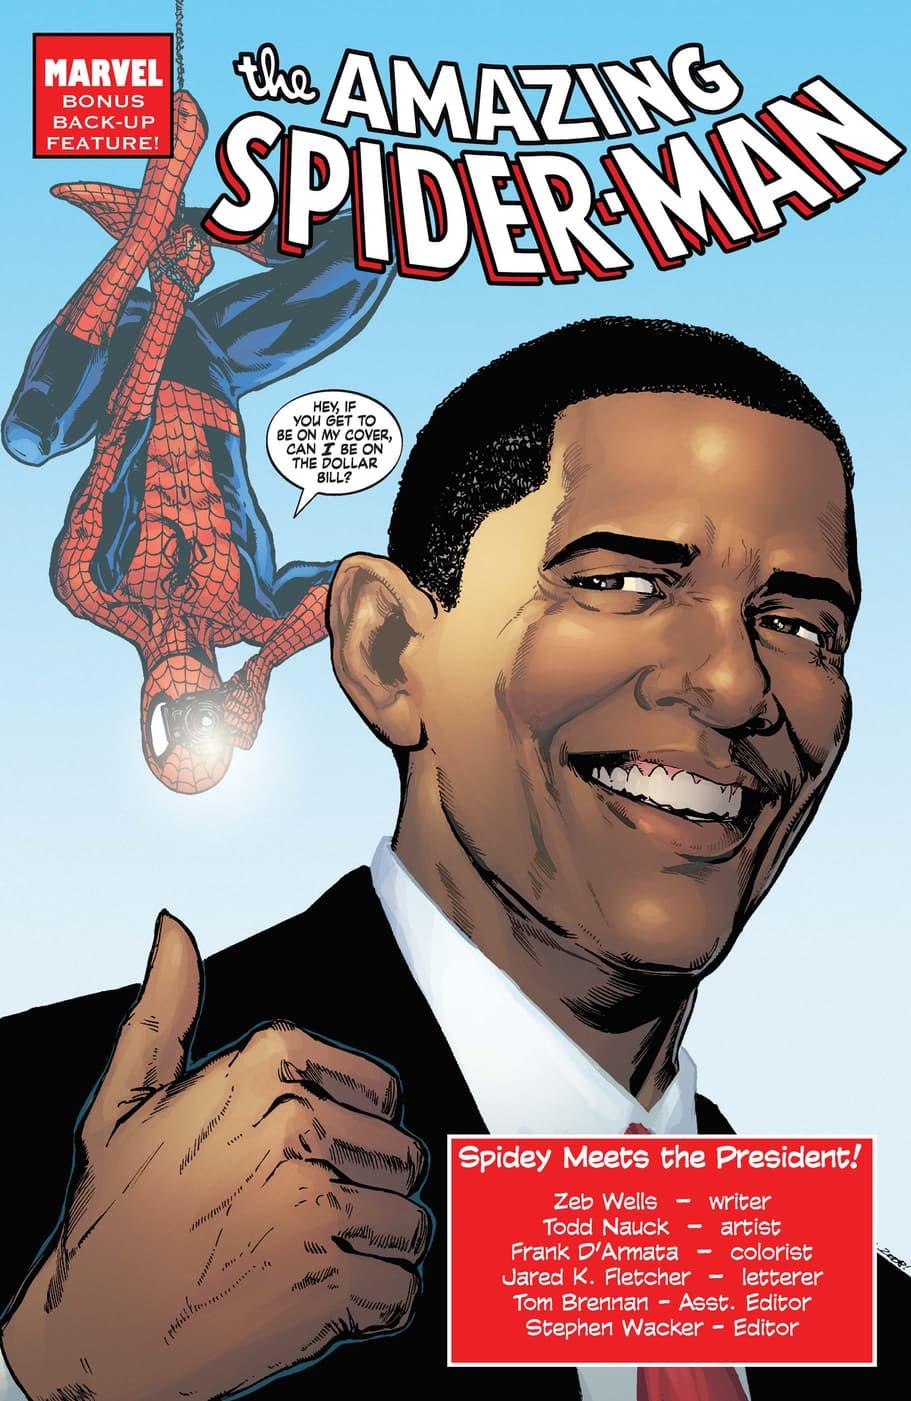 Amazing Spider-Man #583